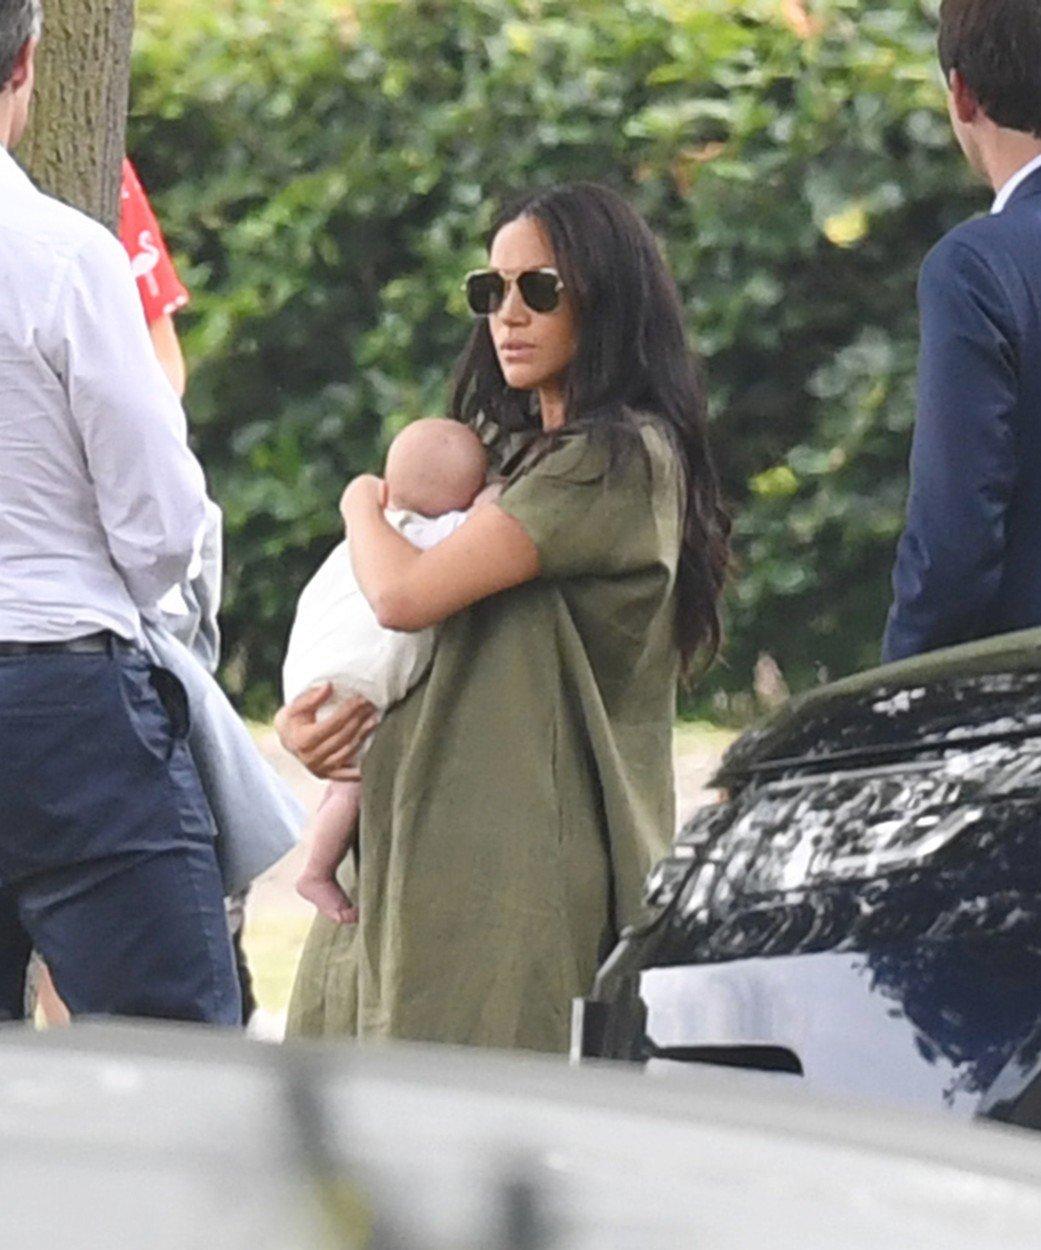 Vévodkyně Meghan s malým Archiem na utkání v pólu